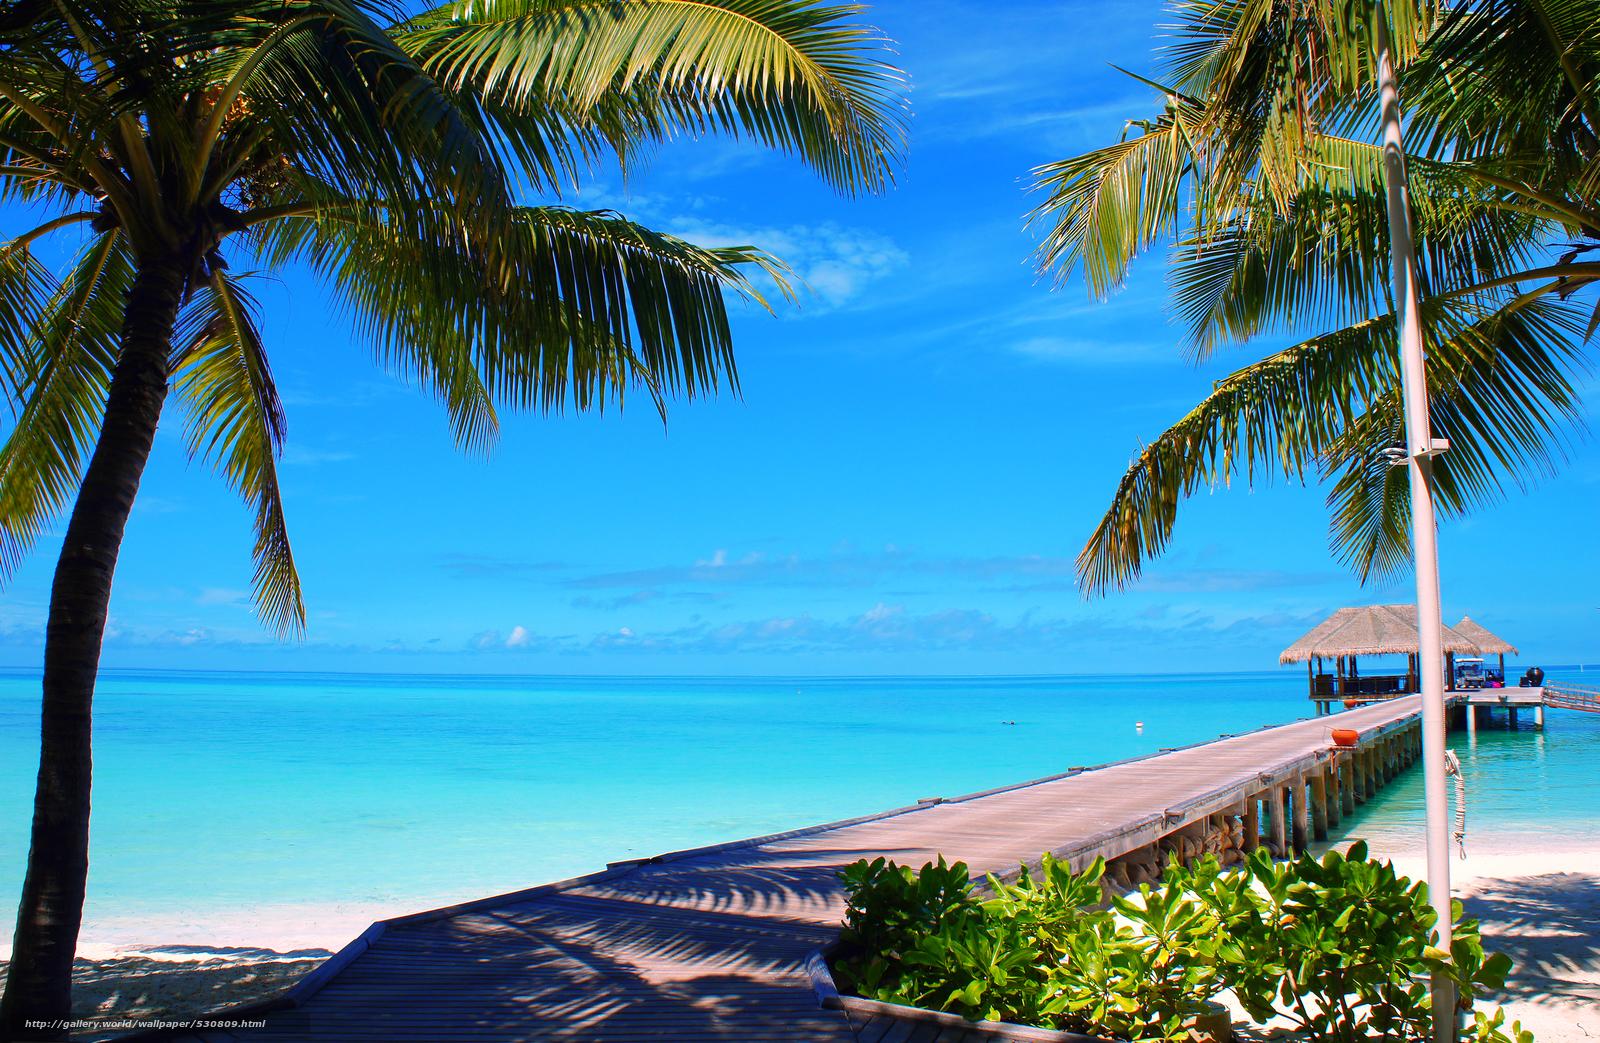 tlcharger fond d 39 ecran maldives plage palmiers fonds d 39 ecran gratuits pour votre rsolution du. Black Bedroom Furniture Sets. Home Design Ideas